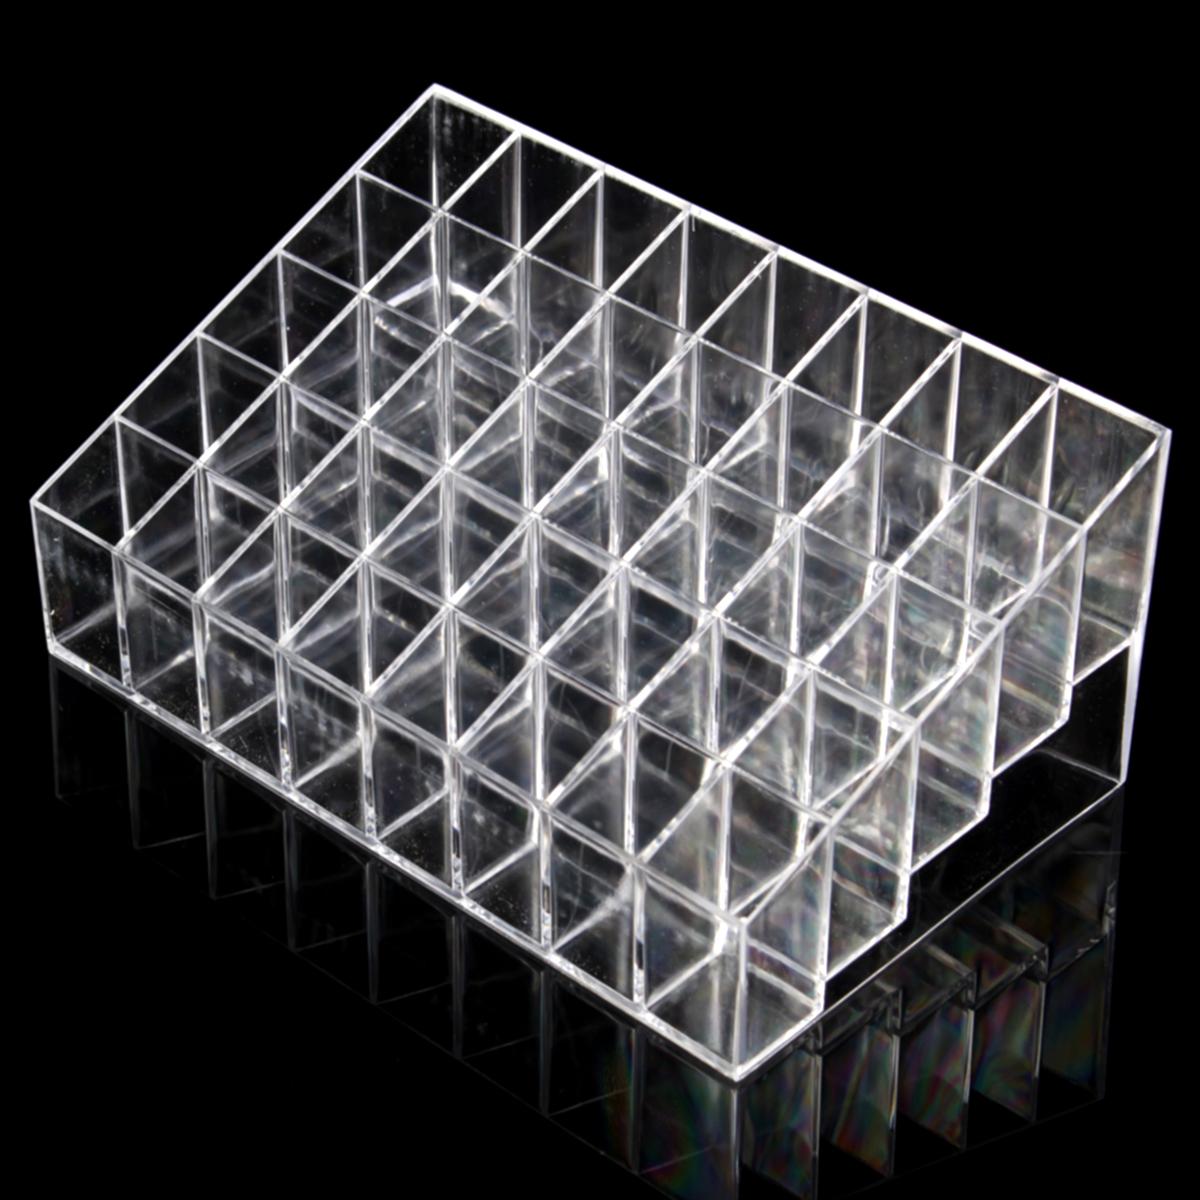 40 grilles cosm tique bo te rangement rouge l vre acrylique transparent achat vente boite. Black Bedroom Furniture Sets. Home Design Ideas